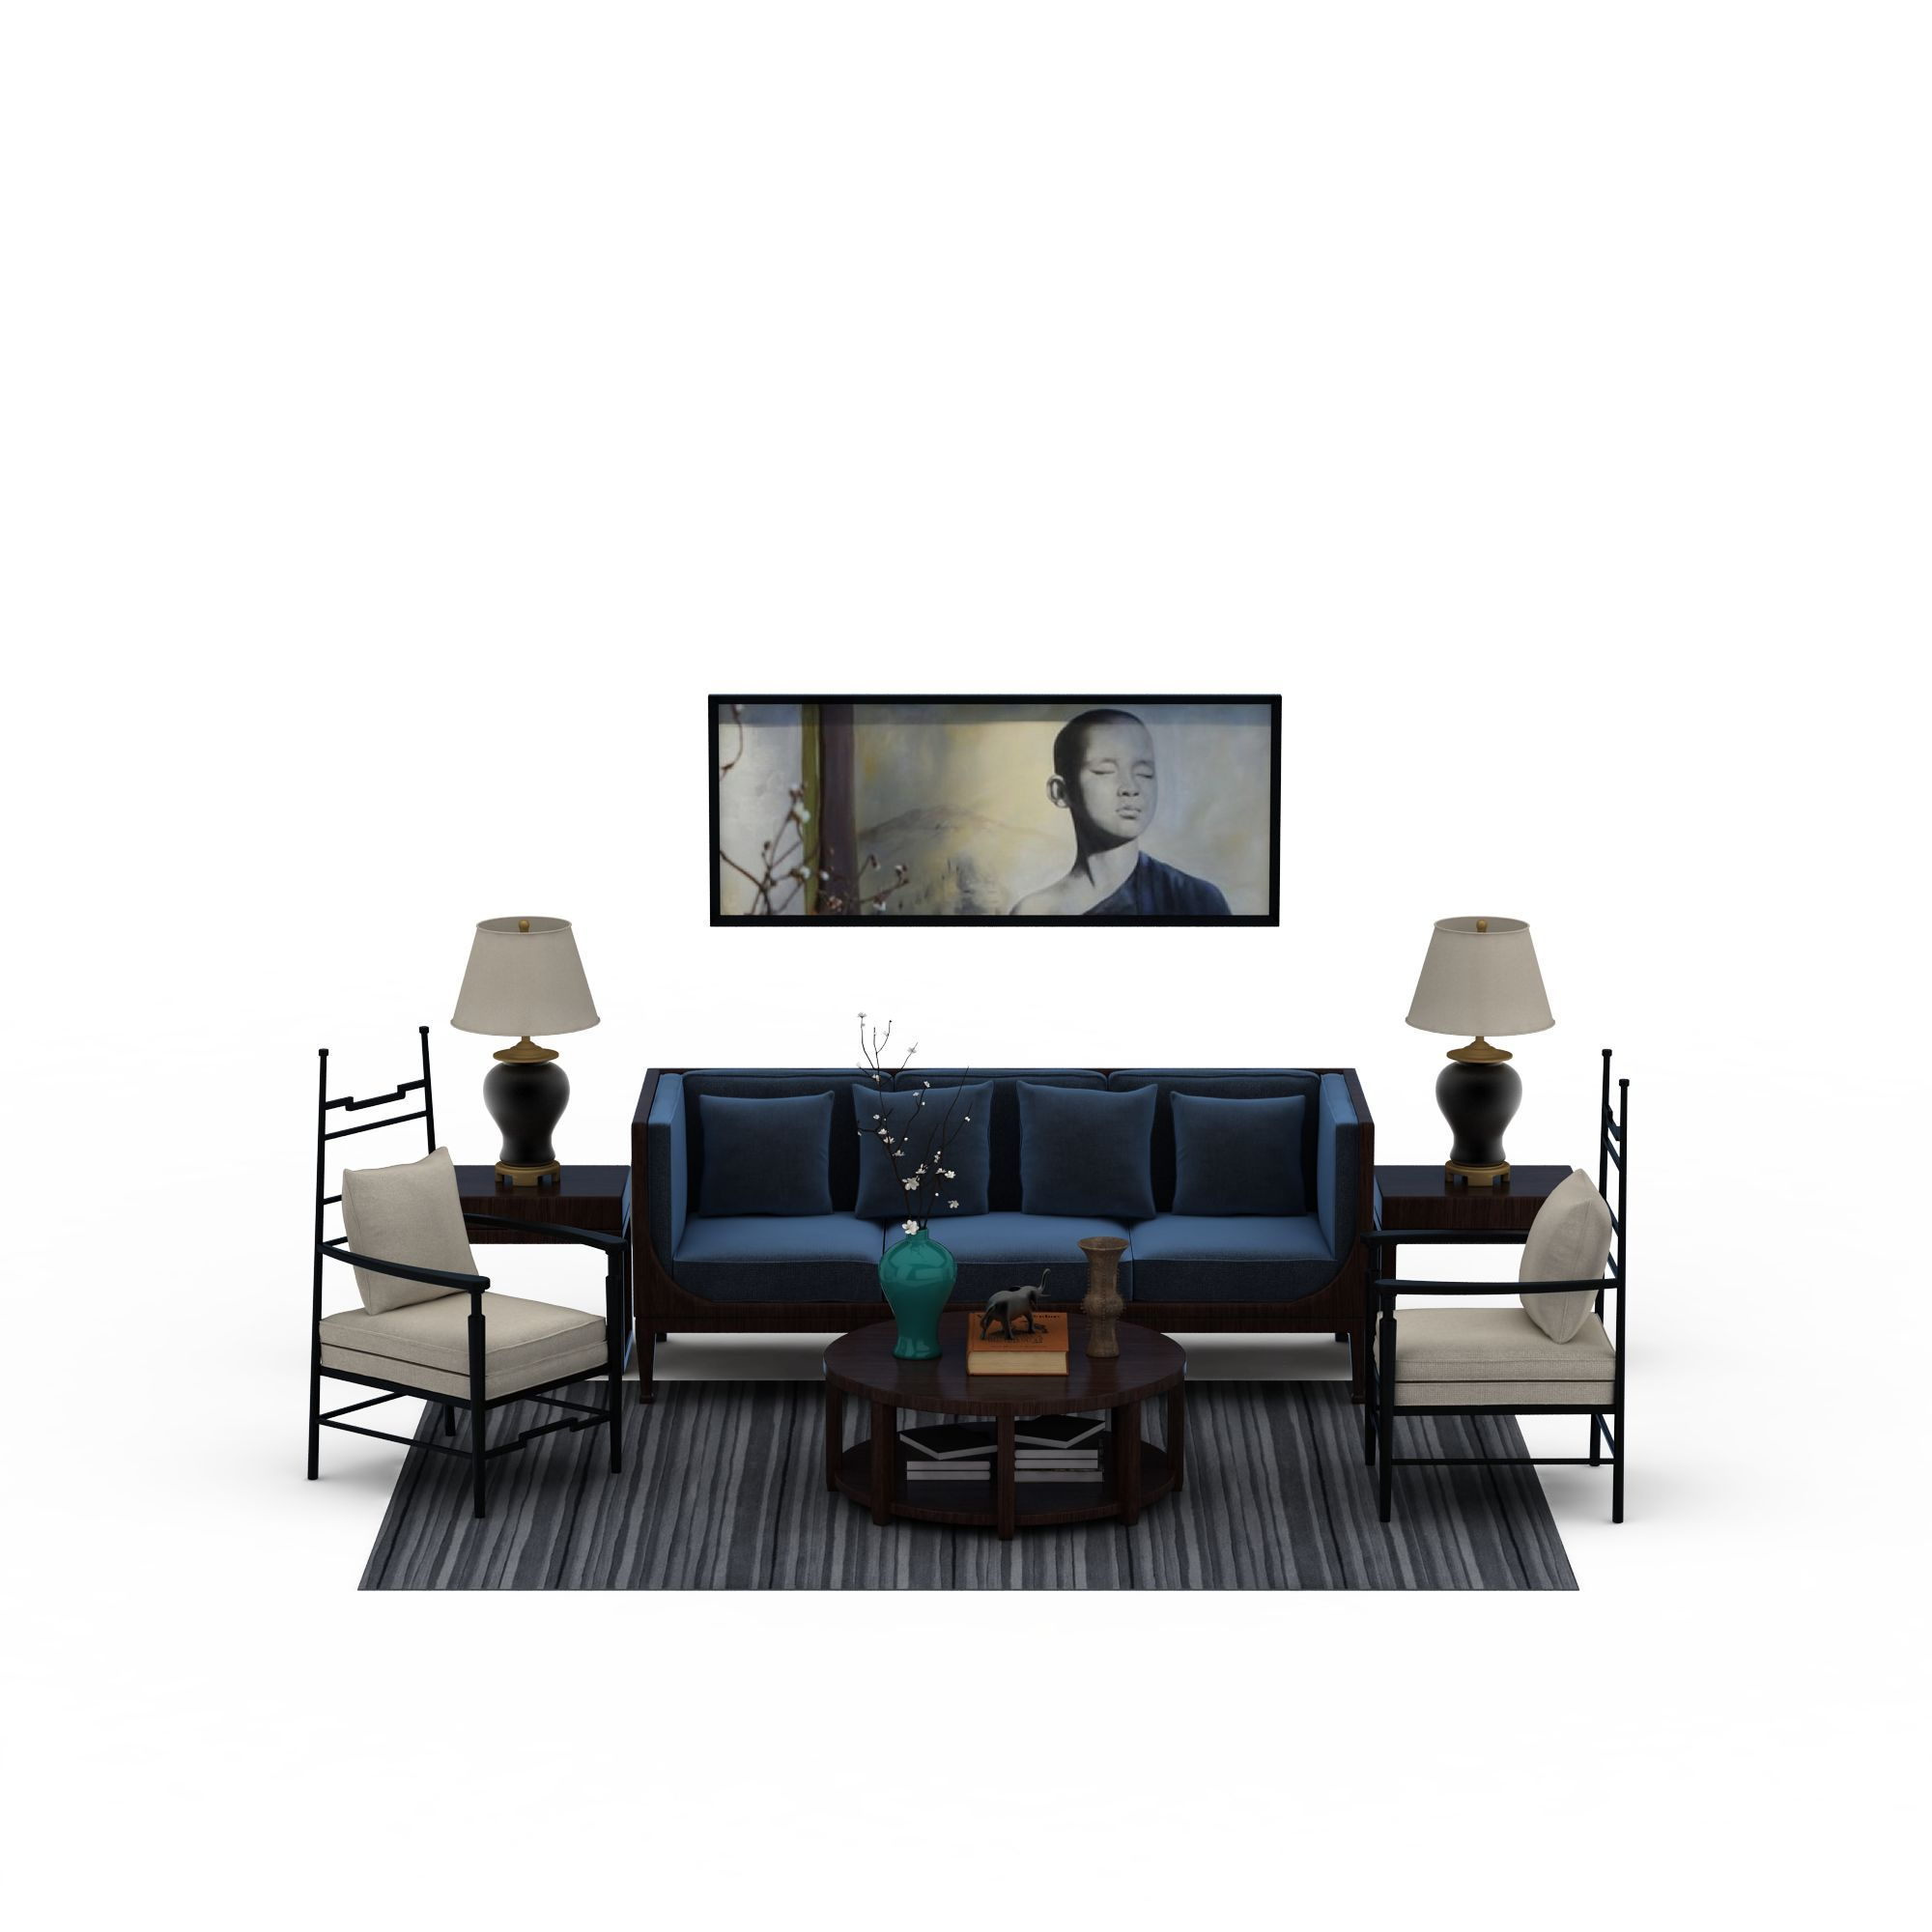 中式沙发茶几组合高清图下载